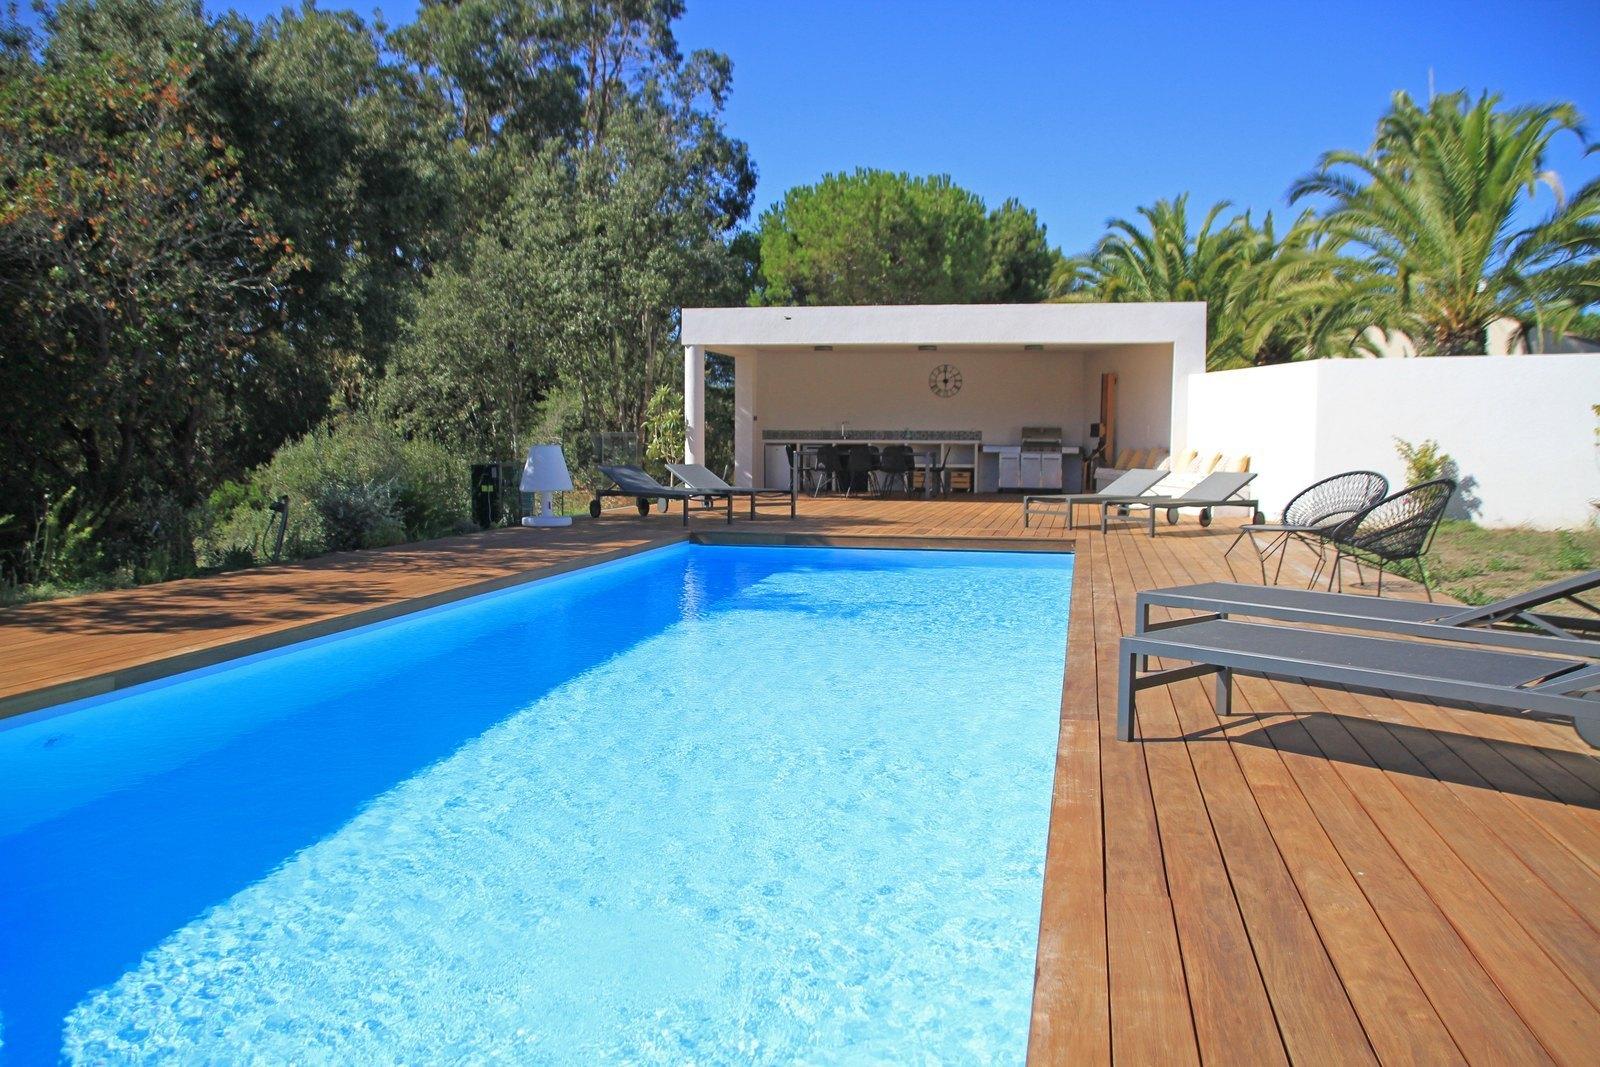 Albitreccia proche d 39 agosta plage belle villa louer for La piscine pool